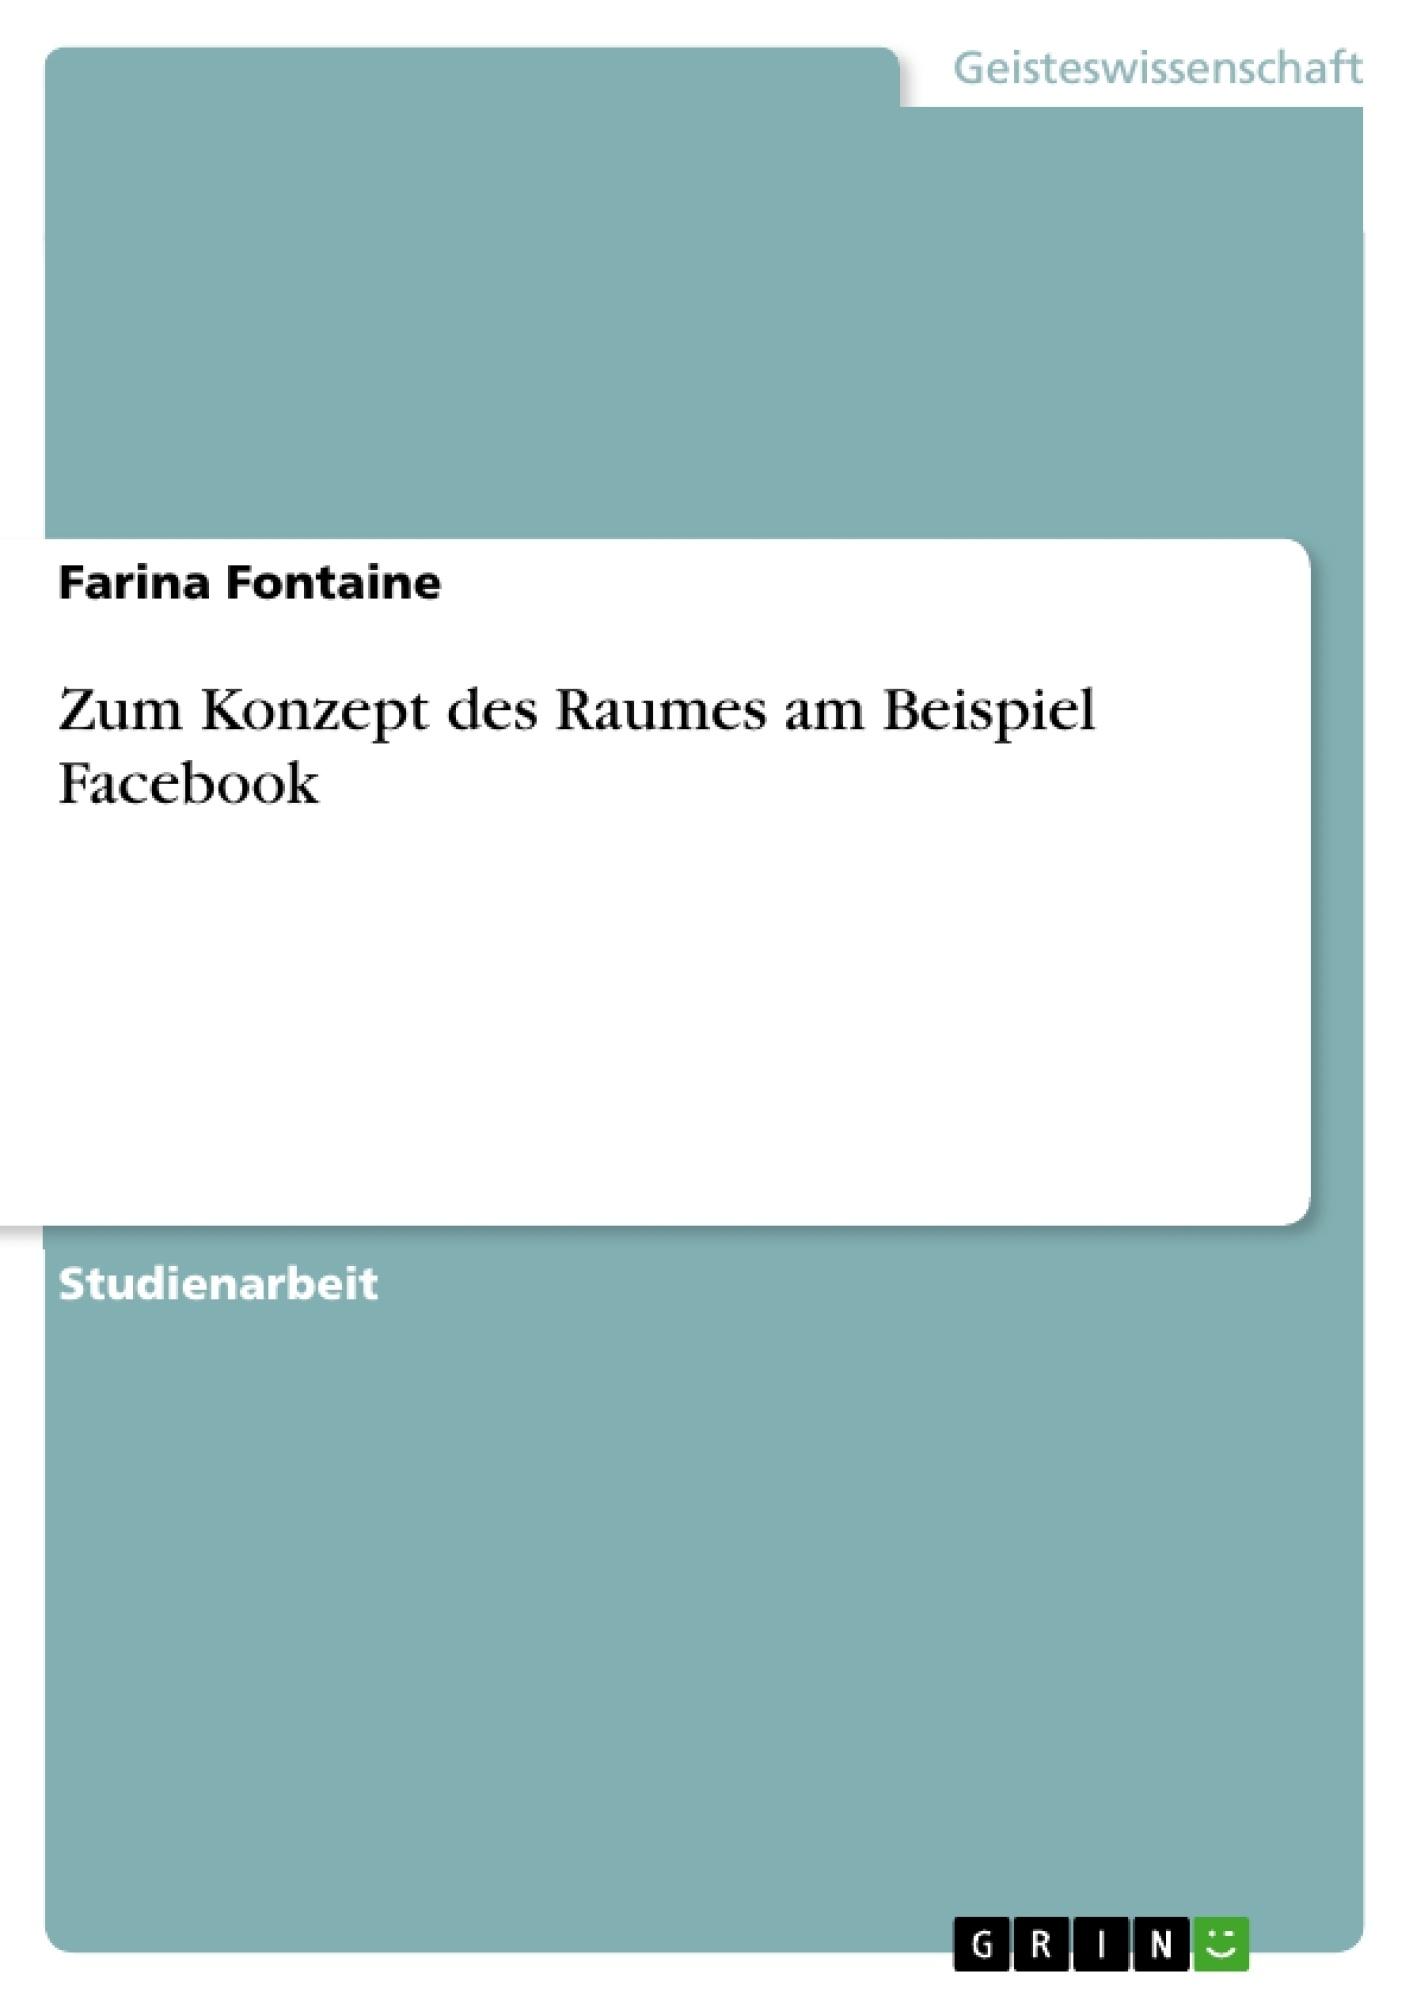 Titel: Zum Konzept des Raumes am Beispiel Facebook